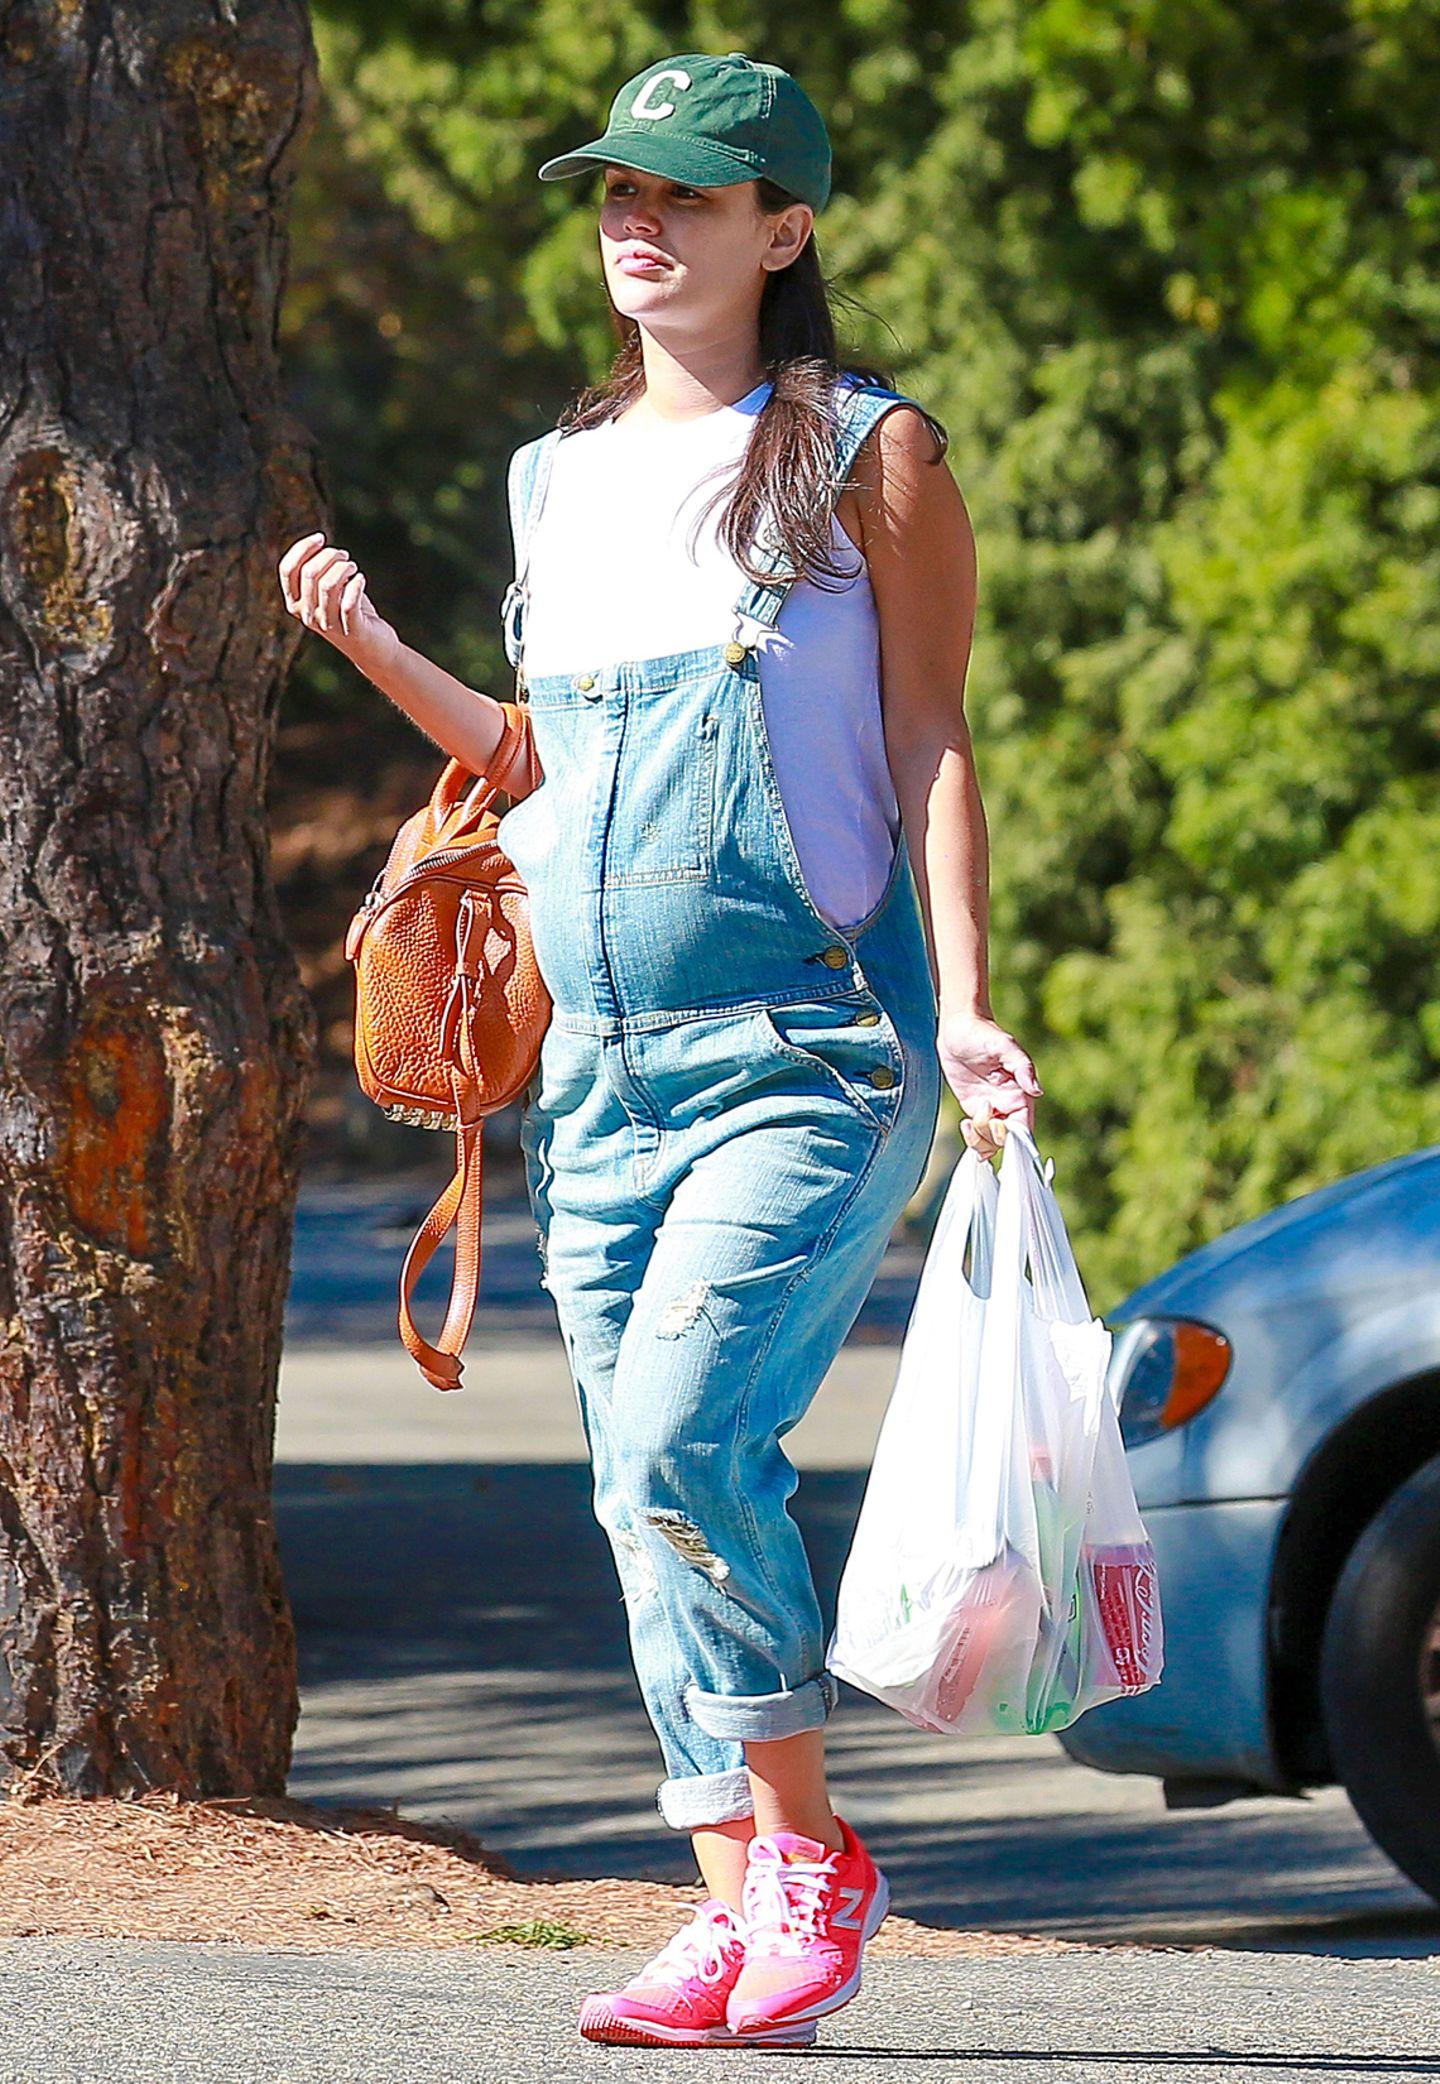 Mit knalligen Sneakern, Baseball-Cap und Latzhose kreiert Rachel Bilson einen ziemlich sportlichen Schwangerschafts-Look mit dem sie stressfrei zum Einkaufen gehen kann.